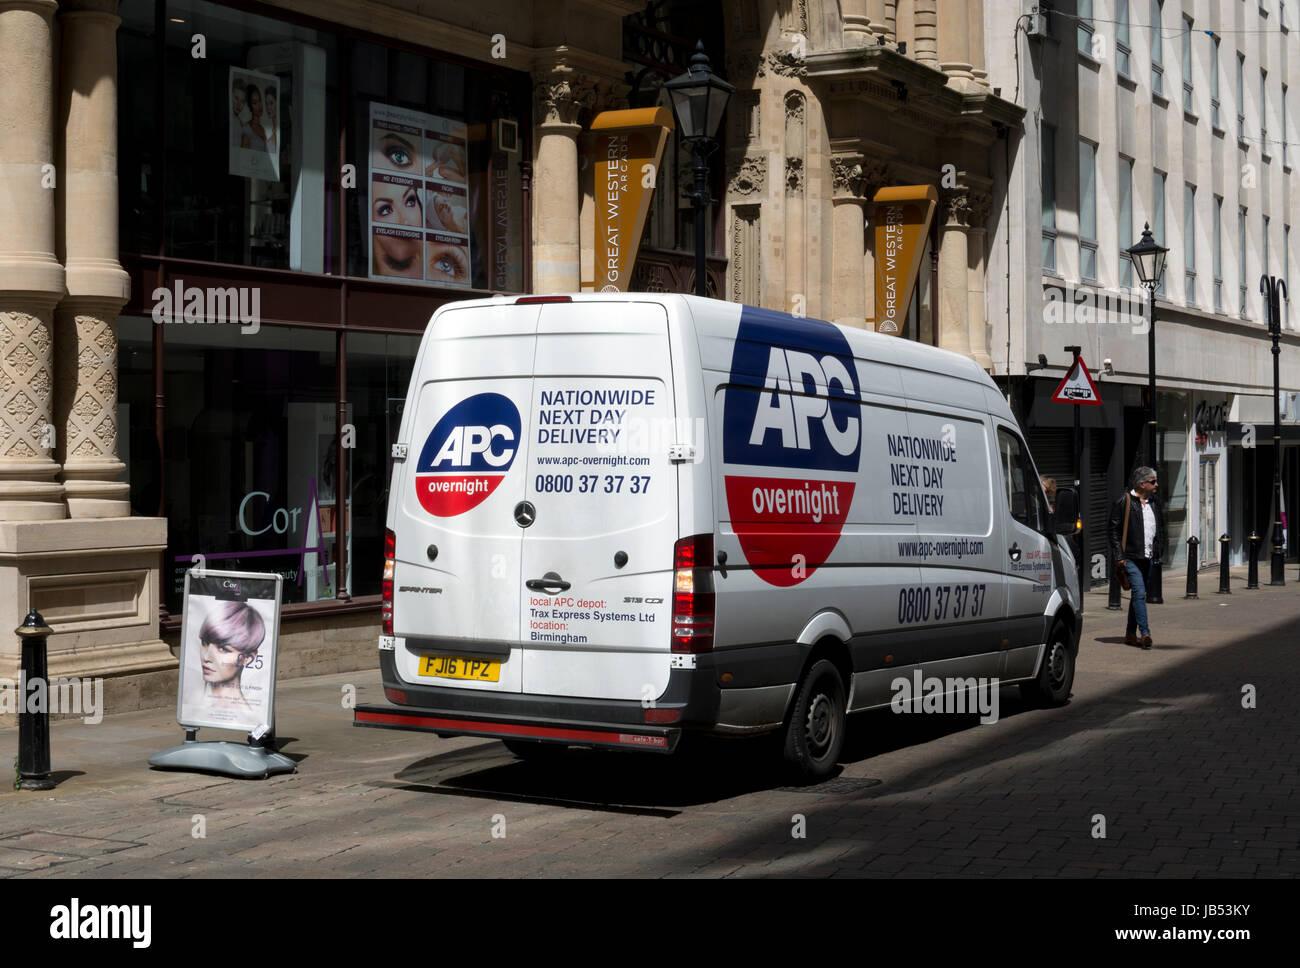 APC parcels van, Birmingham city centre, UK - Stock Image